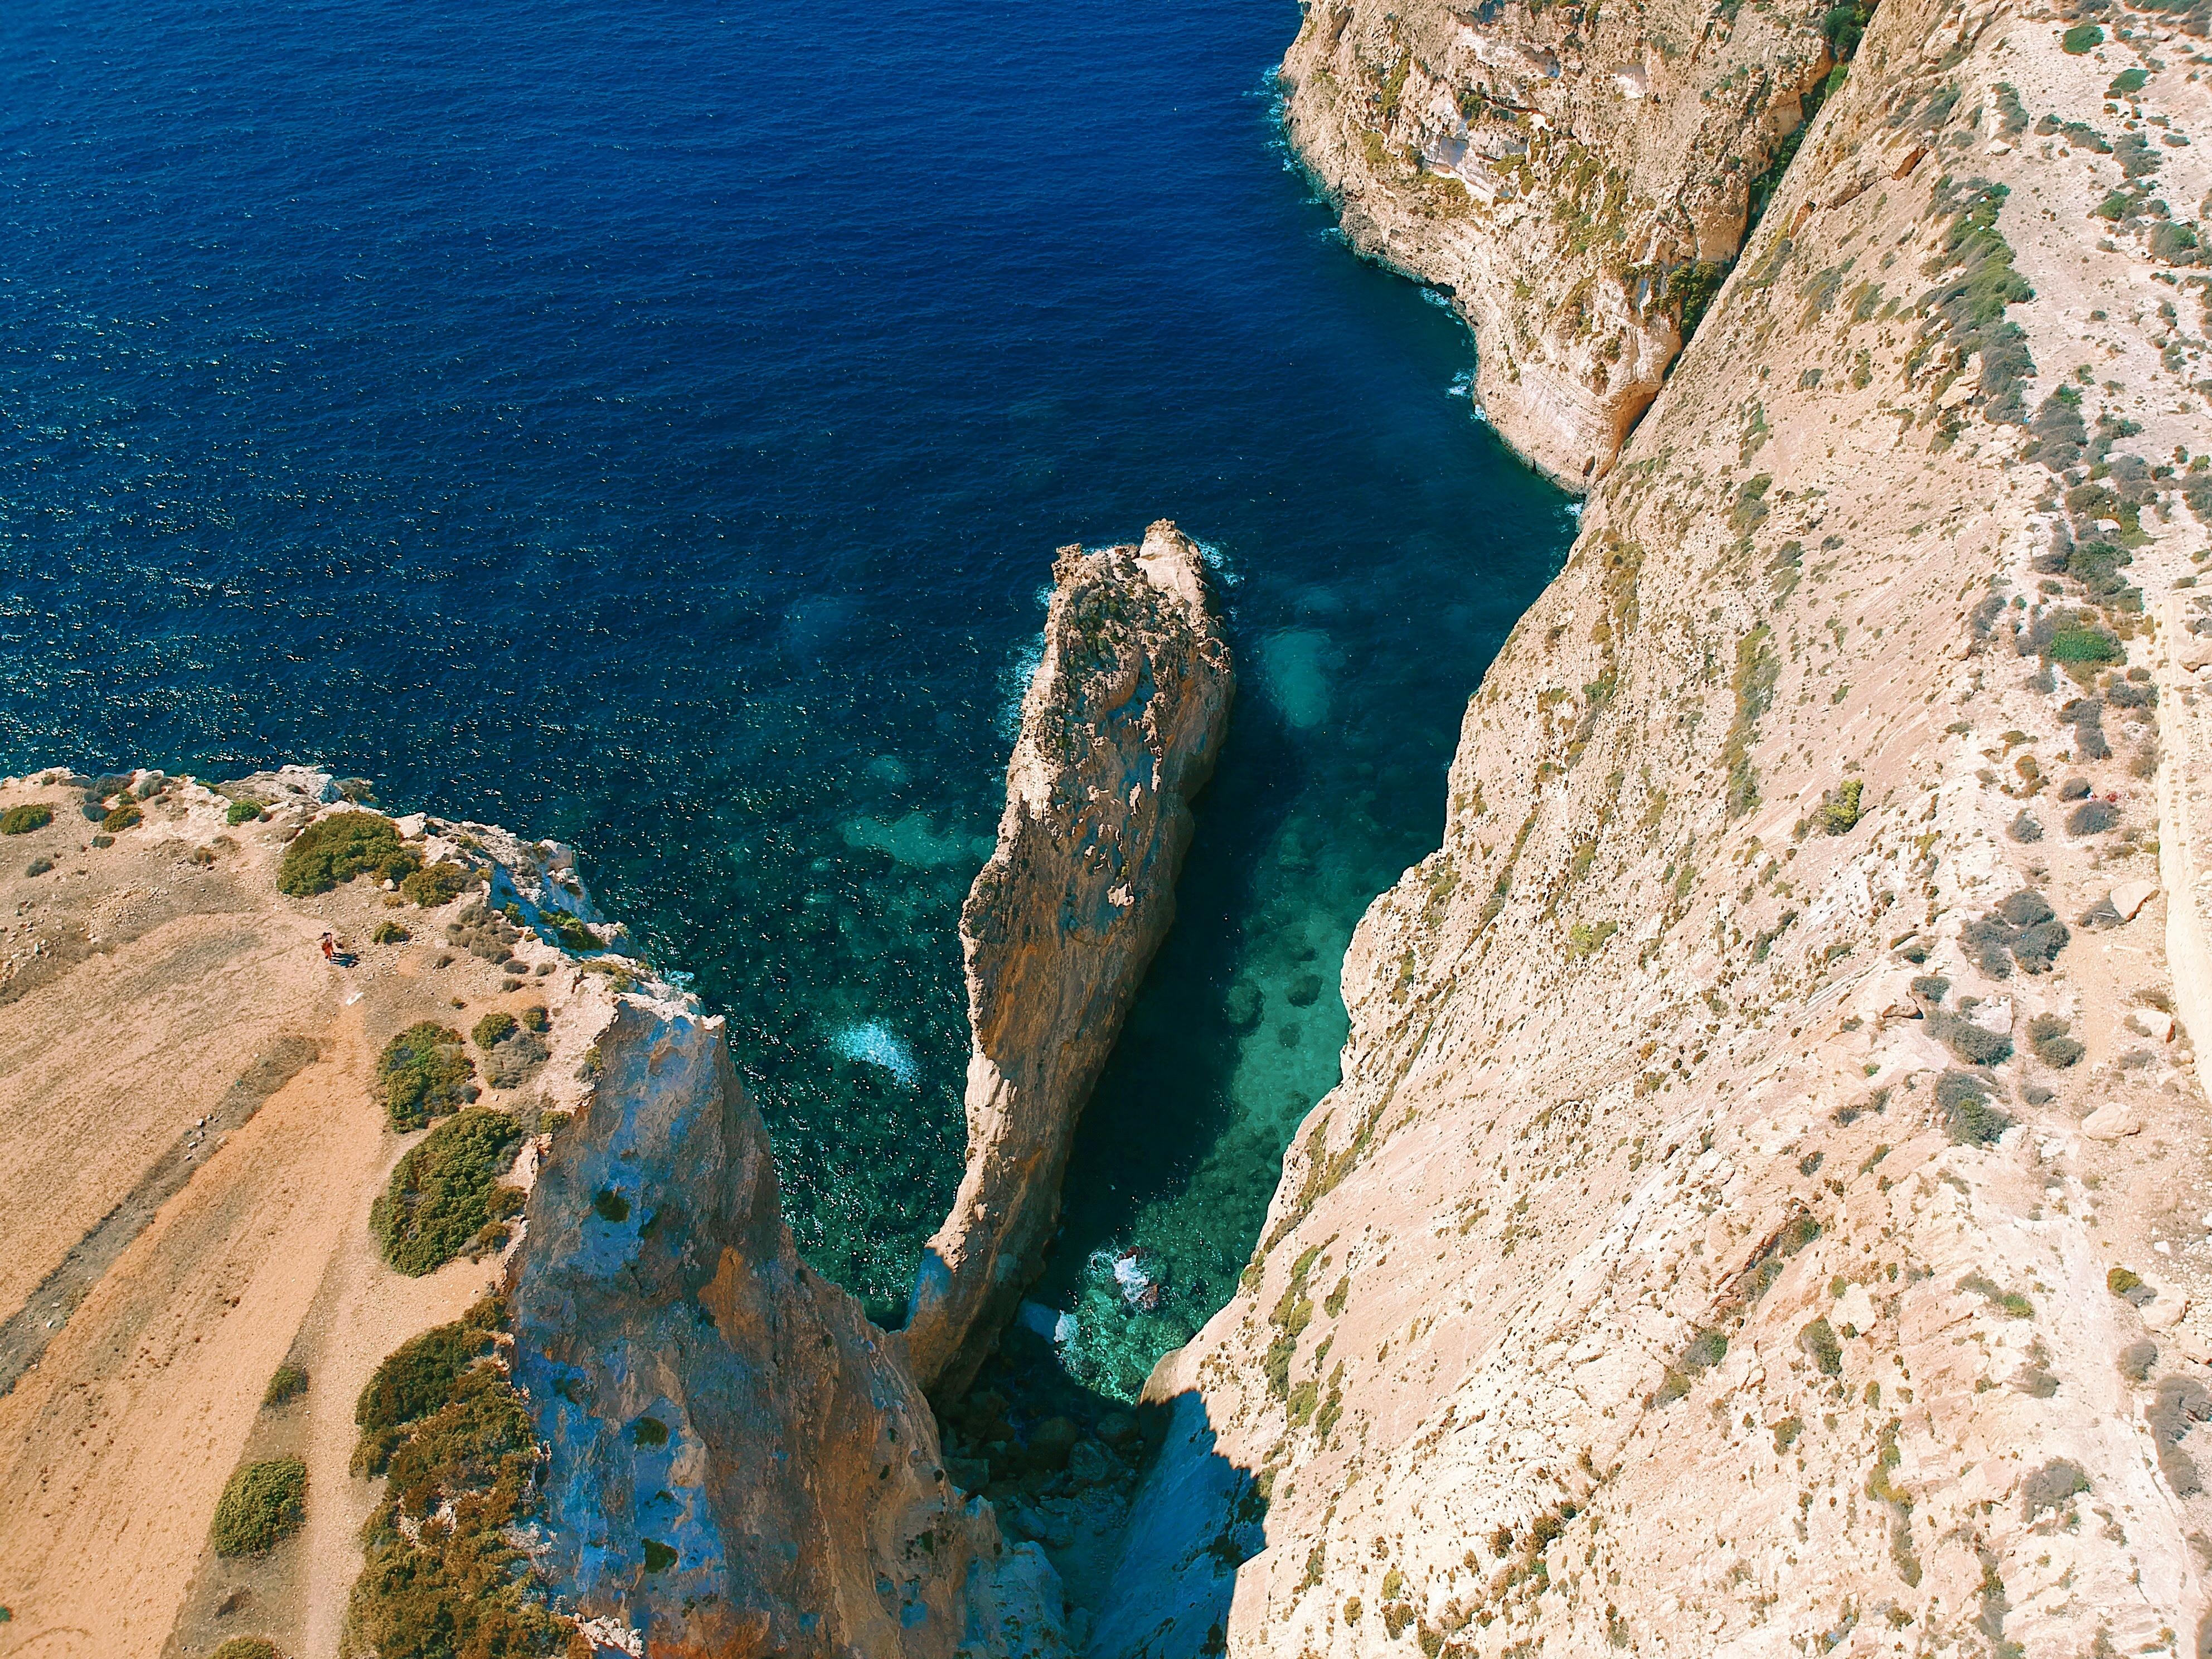 The Stunning Xaqqa Cliffs of Siggiewi 😍